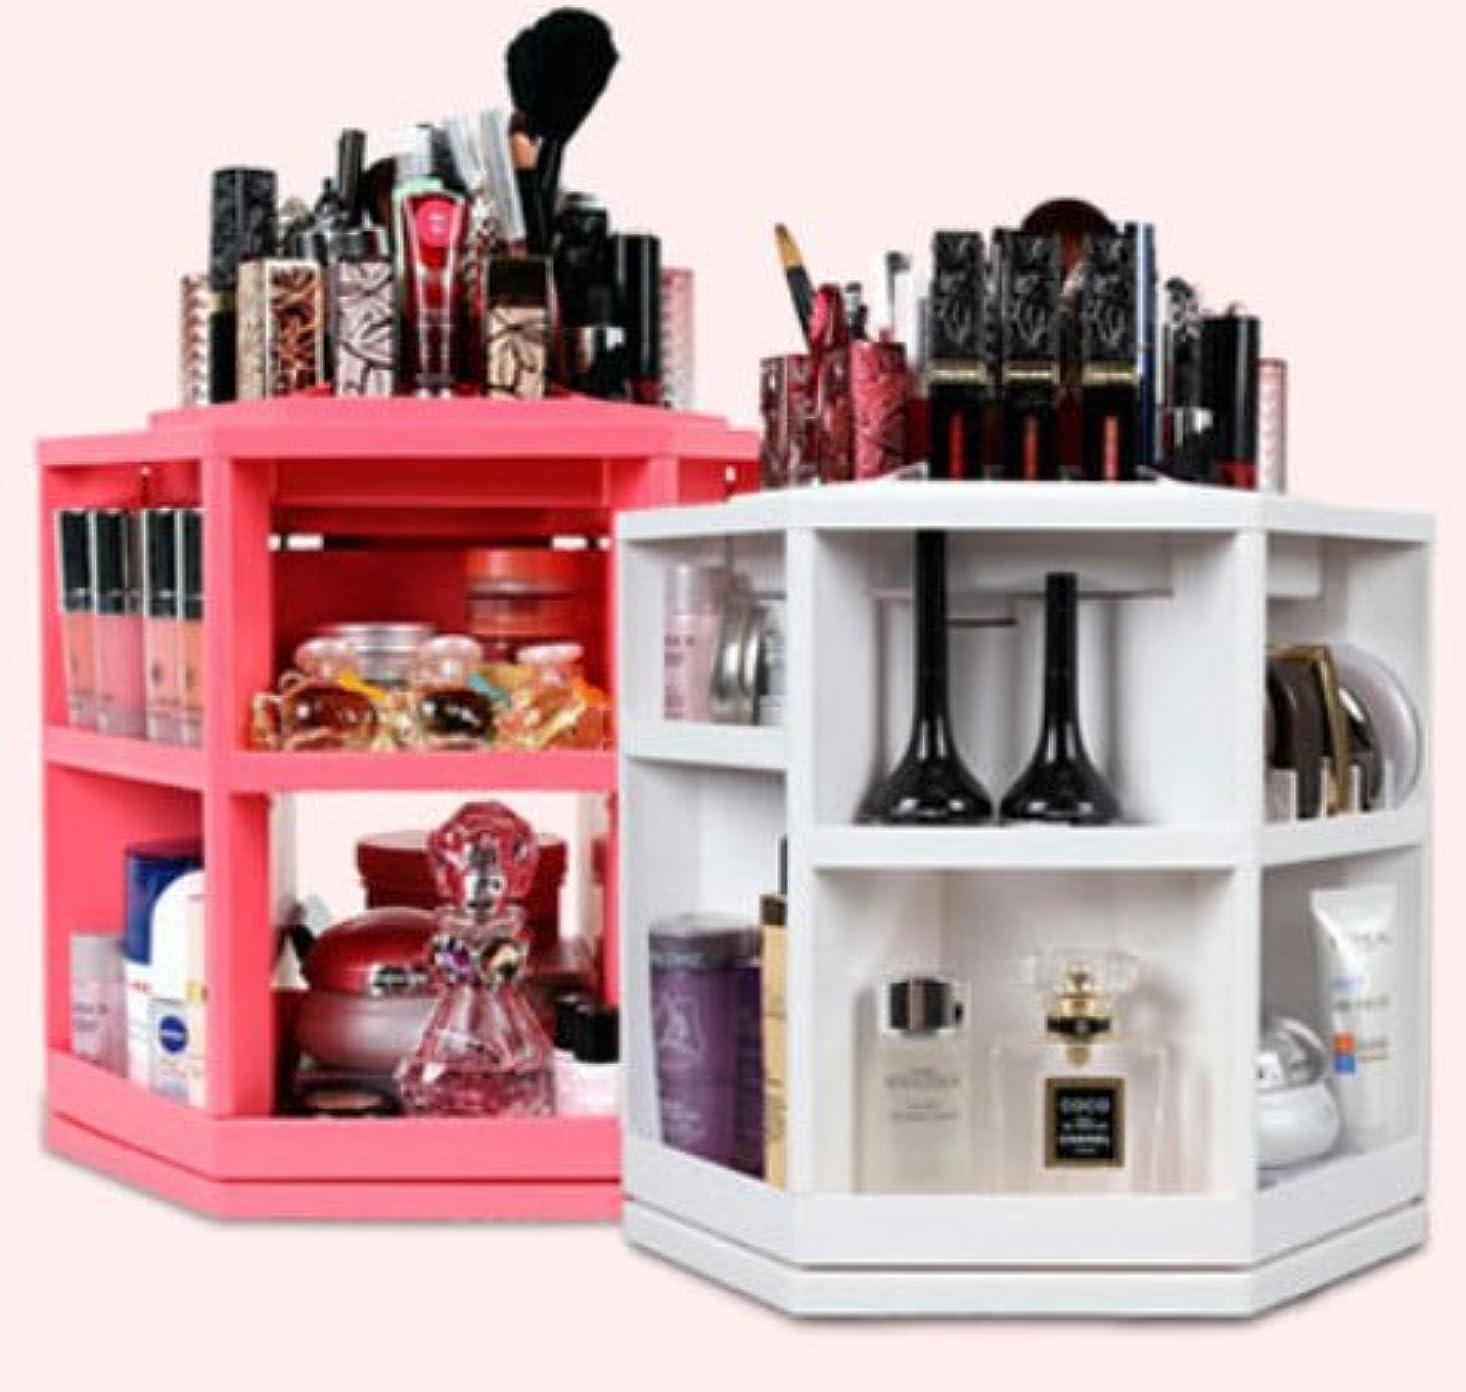 白菜つま先創傷コスメ ボックス,化粧品 収納、楽、簡単、回転する化粧品収納整理台、ピンク色